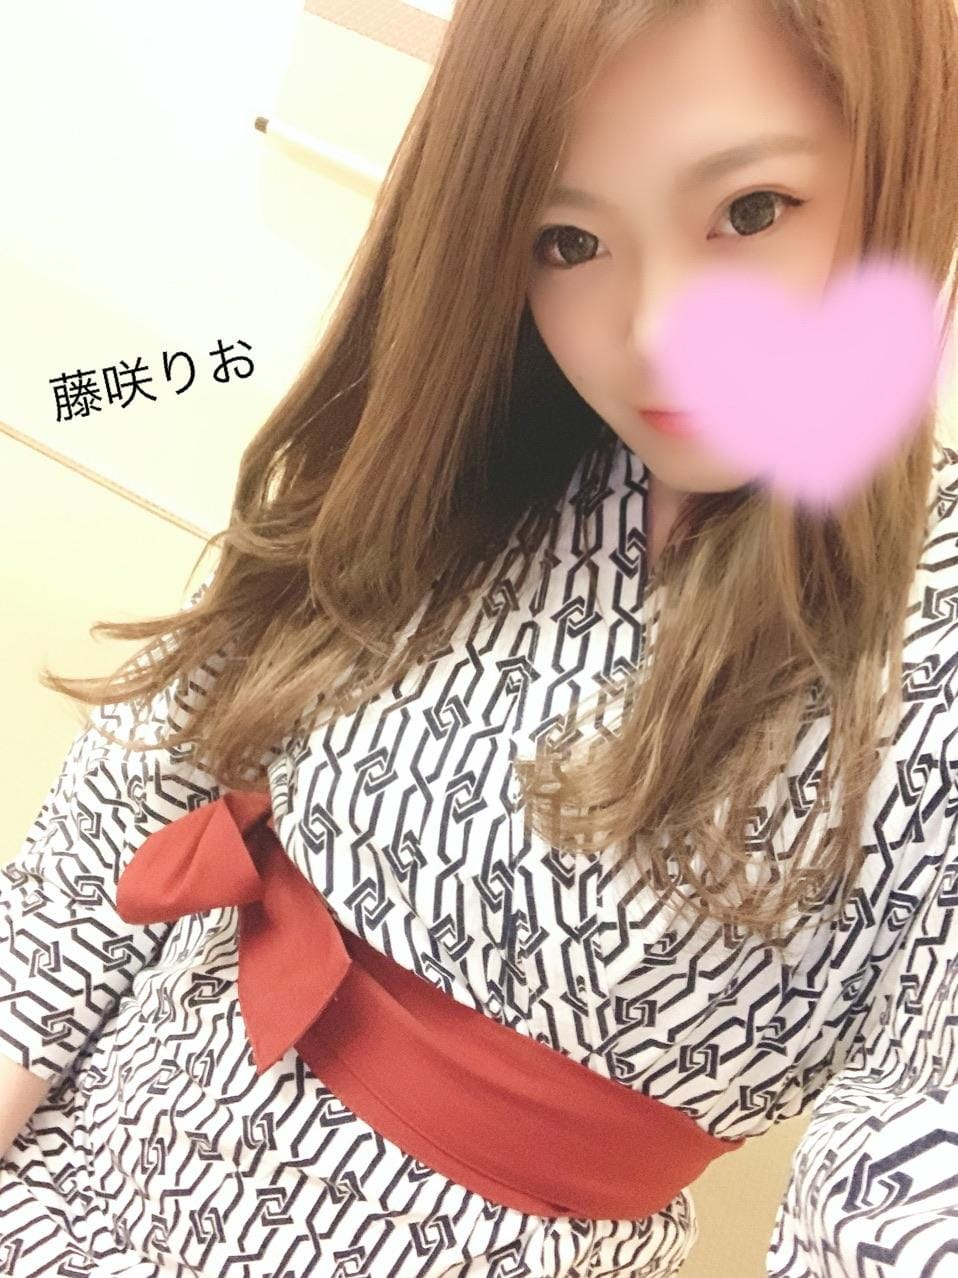 「おやすみなさいませ?」02/18(火) 22:06 | 藤咲 りおの写メ・風俗動画